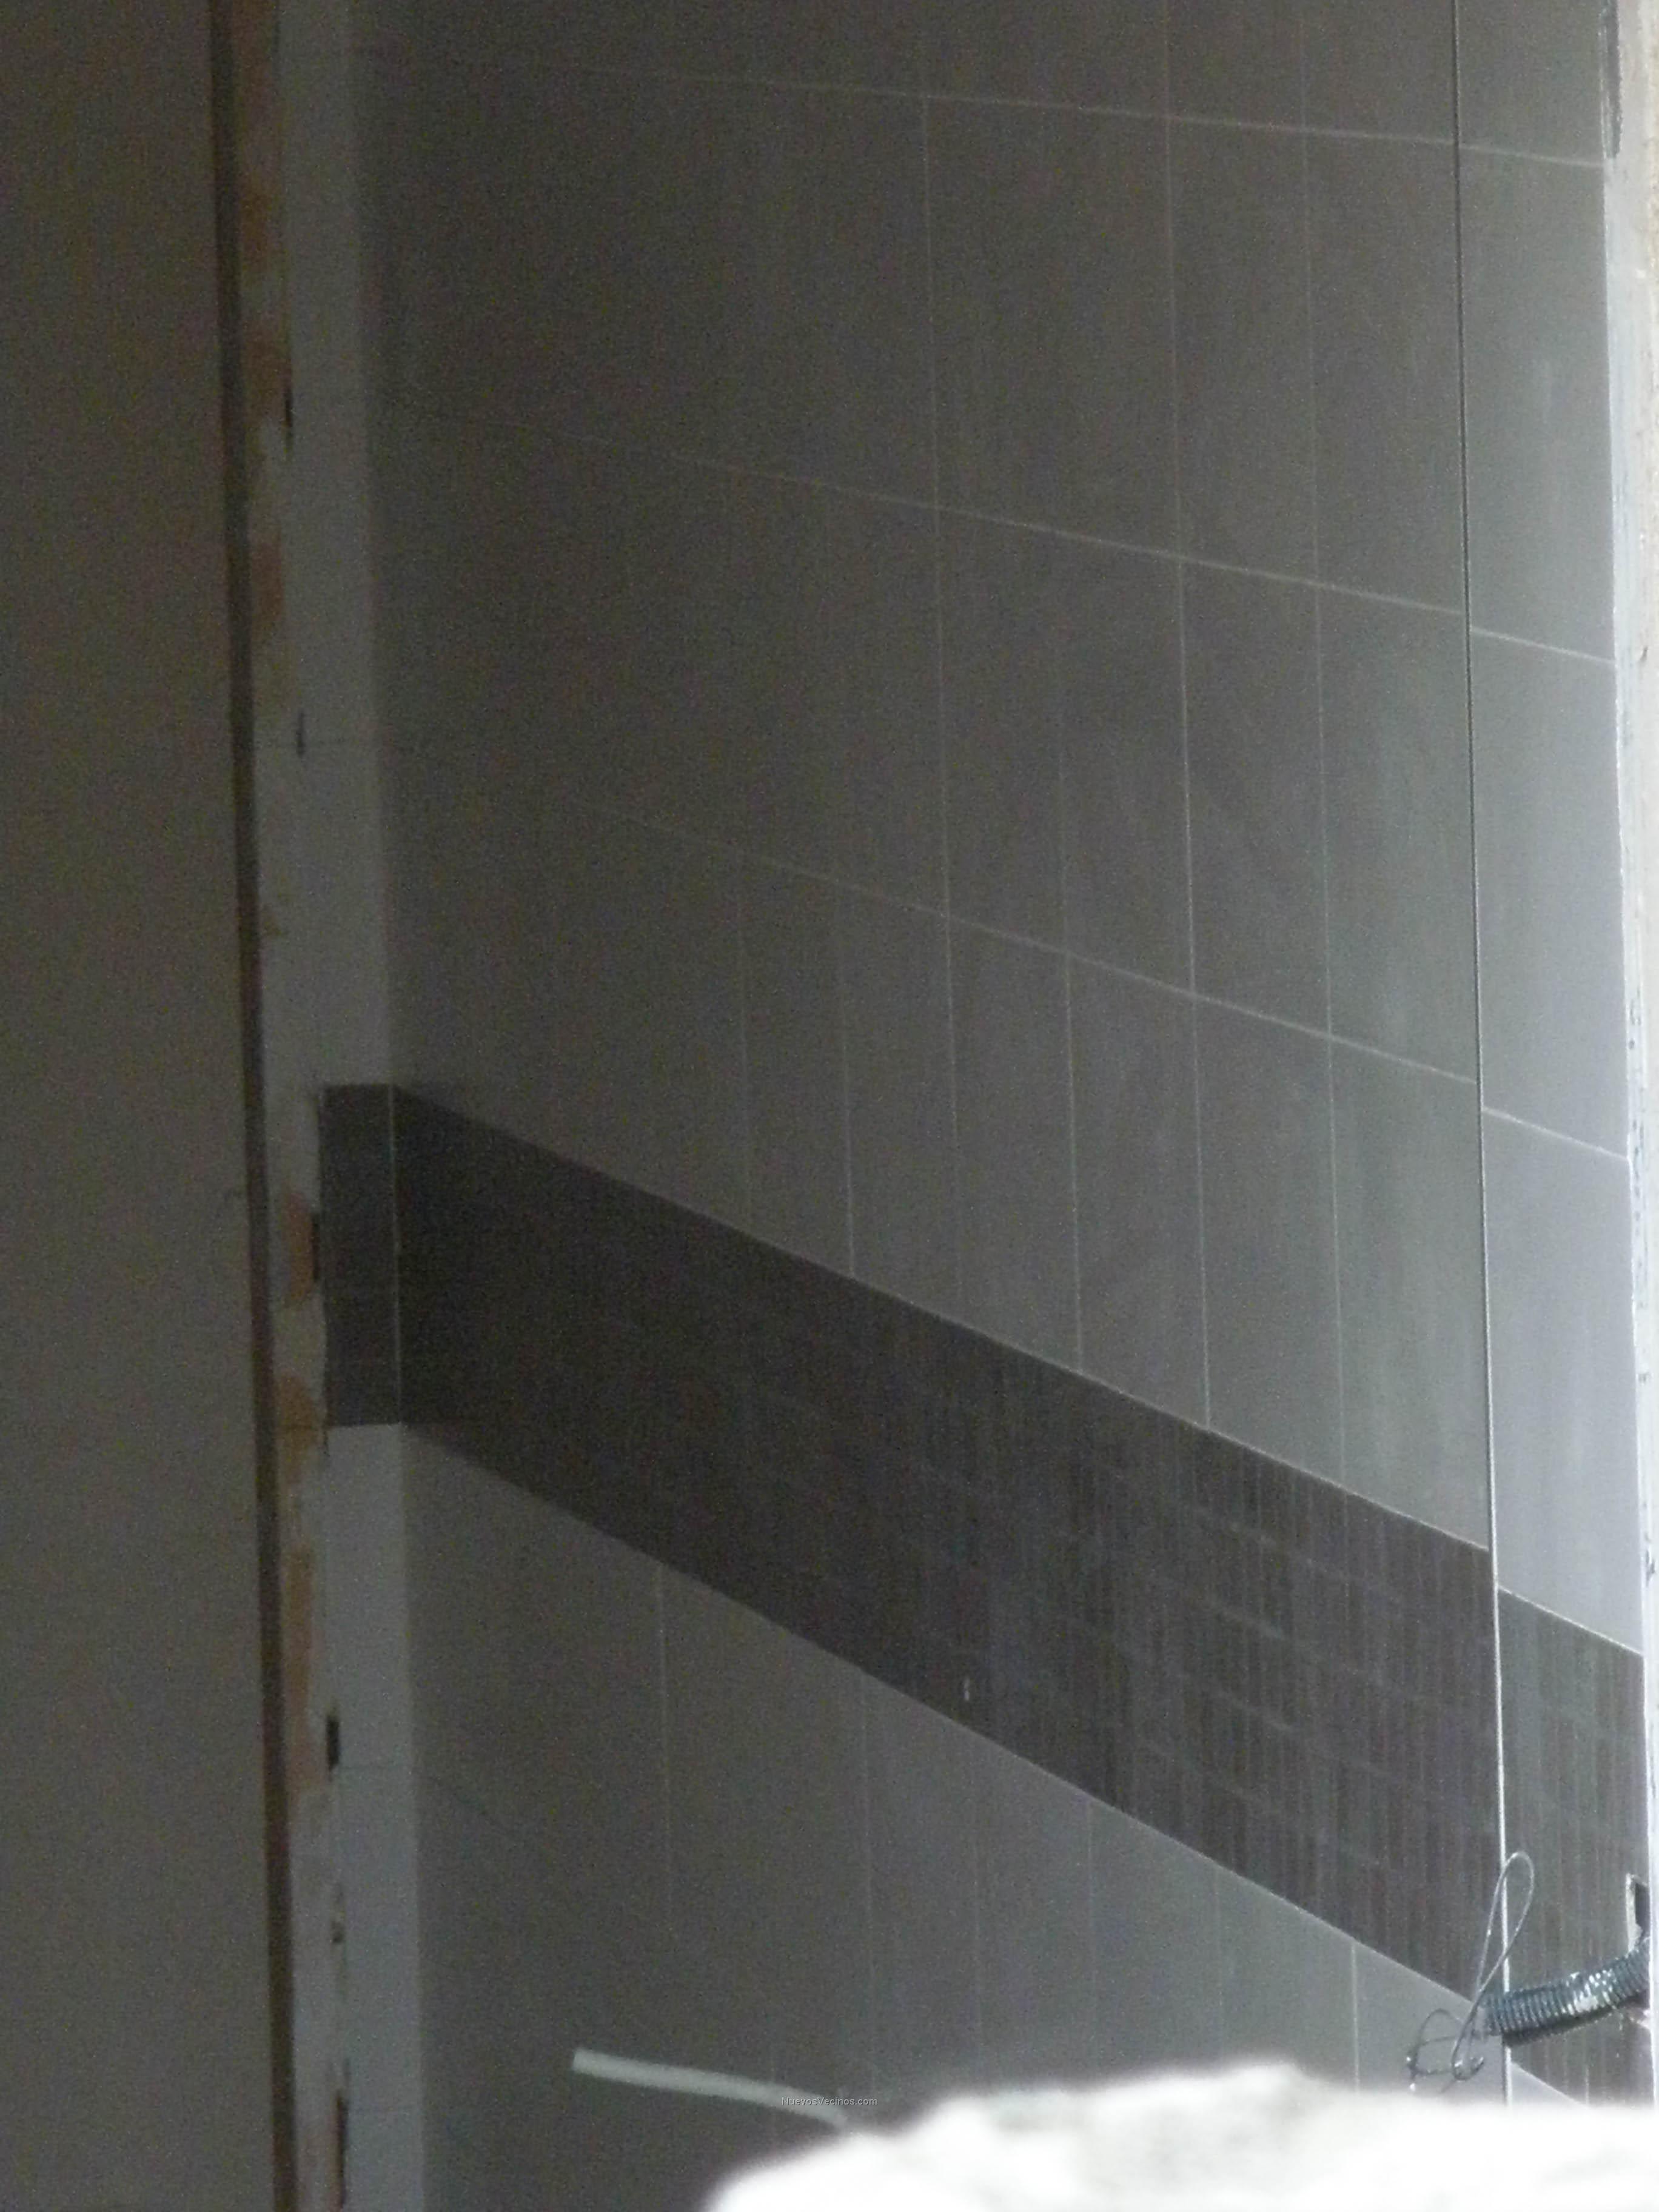 Jardines de torrej n fotos detalle azulejos cocina - Fotos azulejos cocina ...